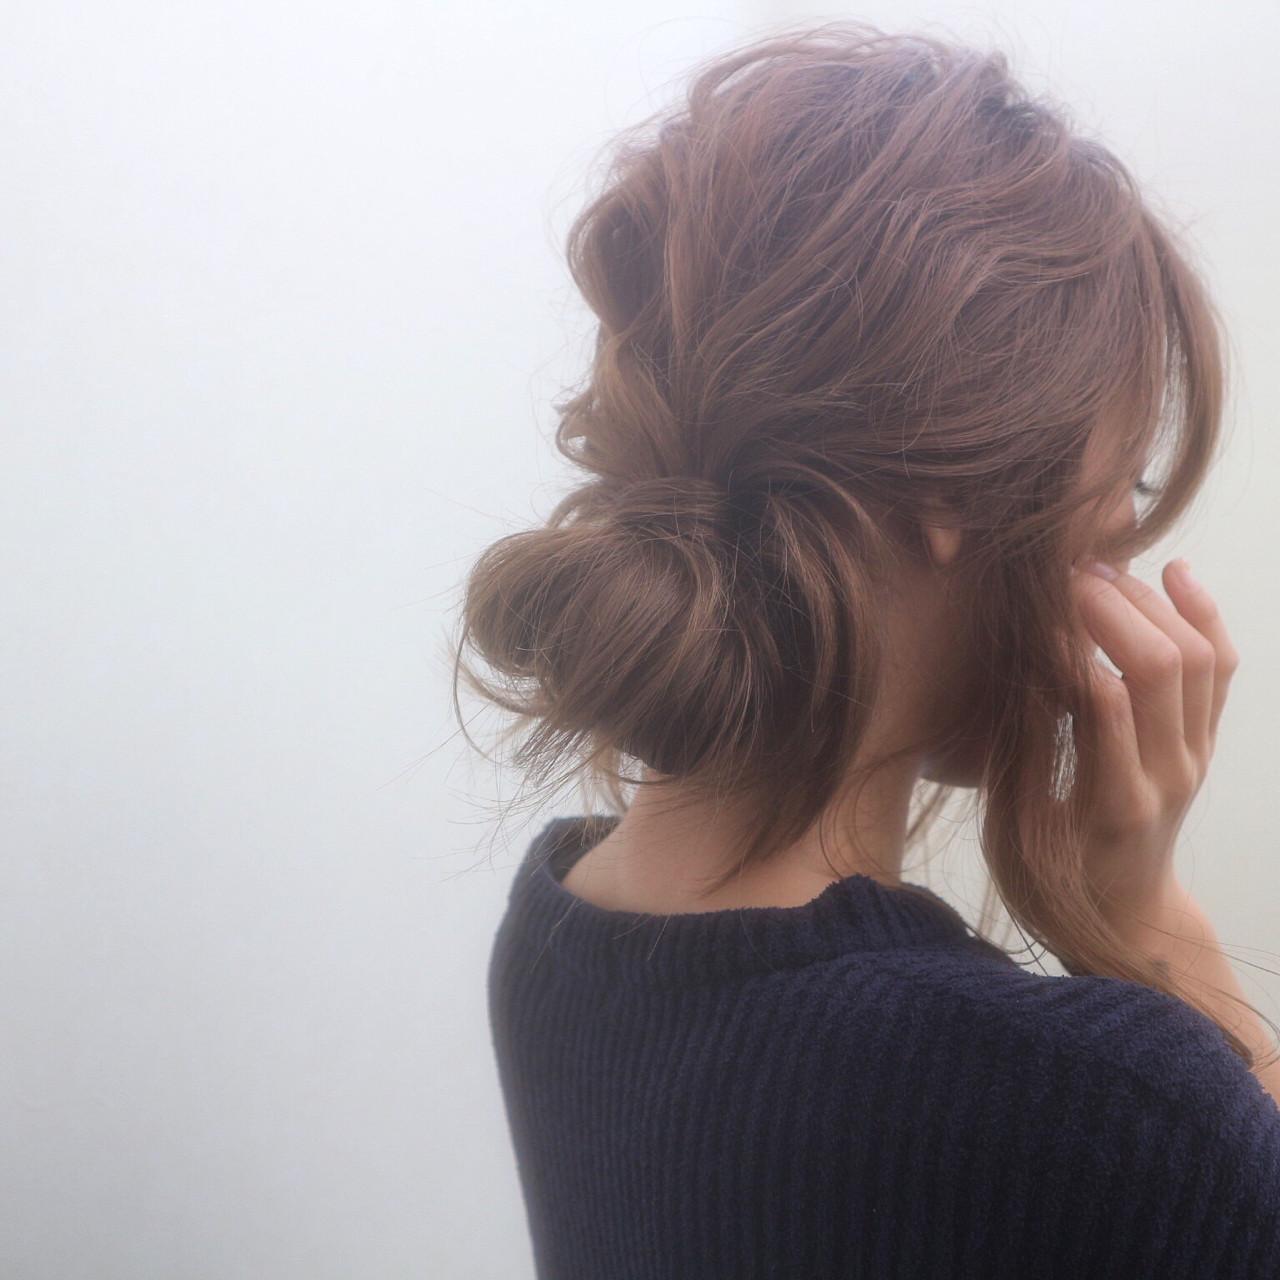 ナチュラル セミロング ゆるふわ 外国人風 ヘアスタイルや髪型の写真・画像